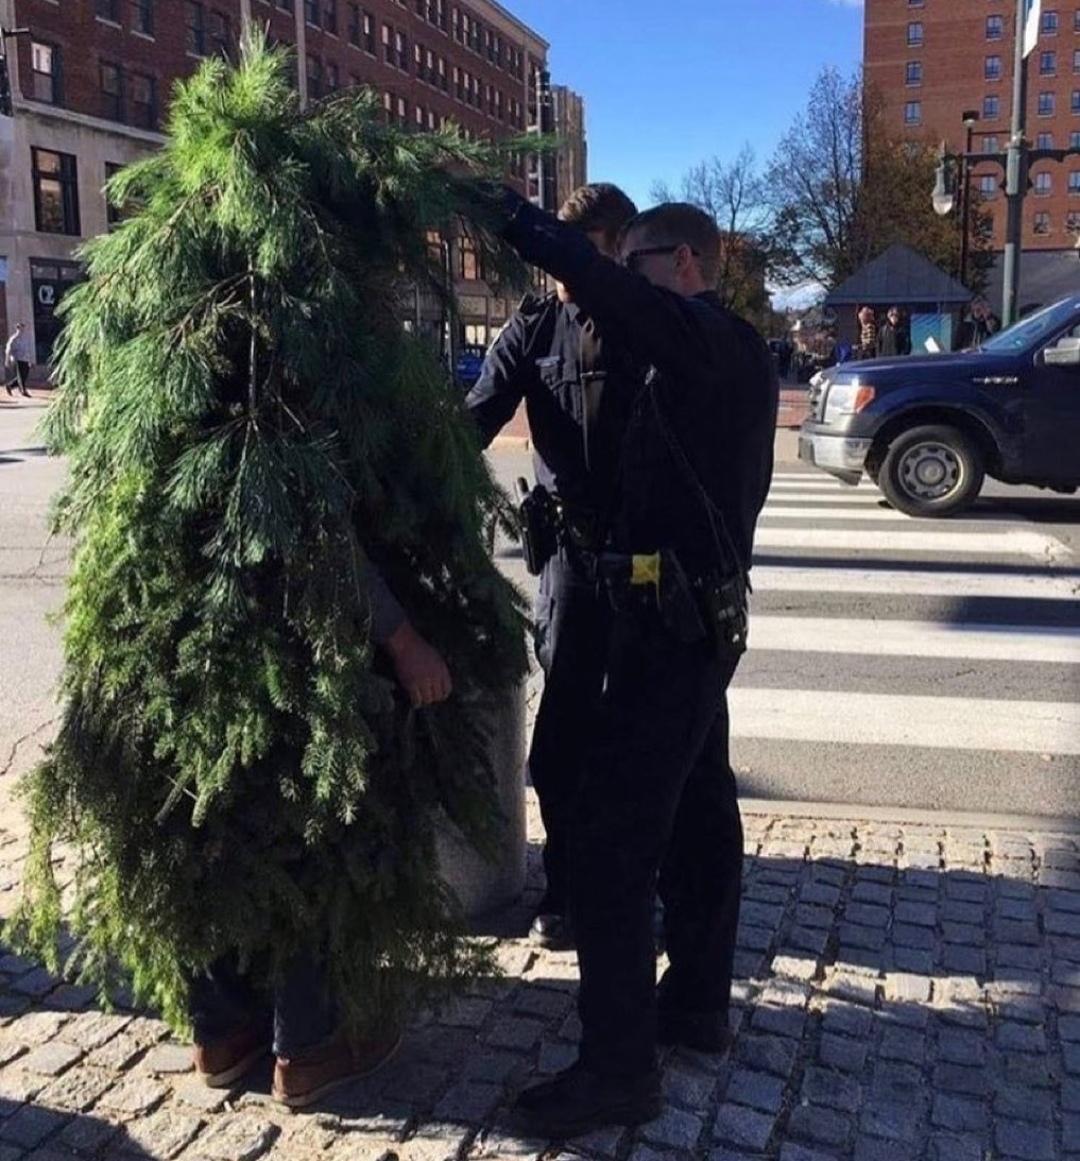 Policía pillando a disfrazado de árbol durante confinamiento